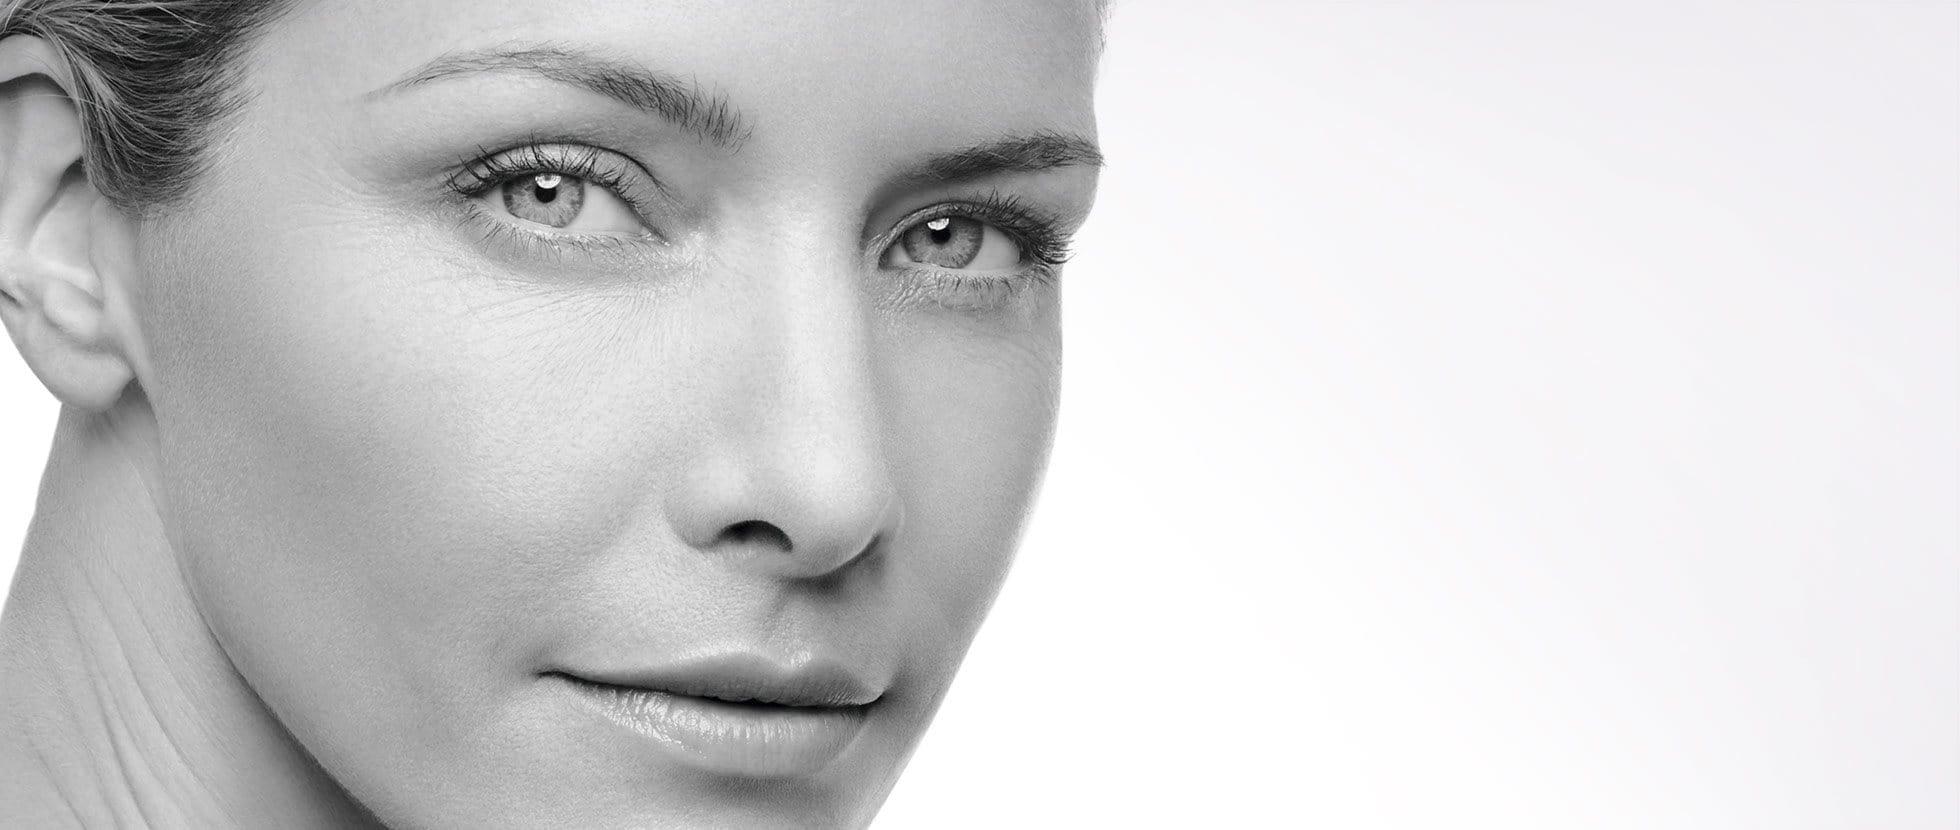 Une femme quiprévient le vieillissement prématuré de sa peau